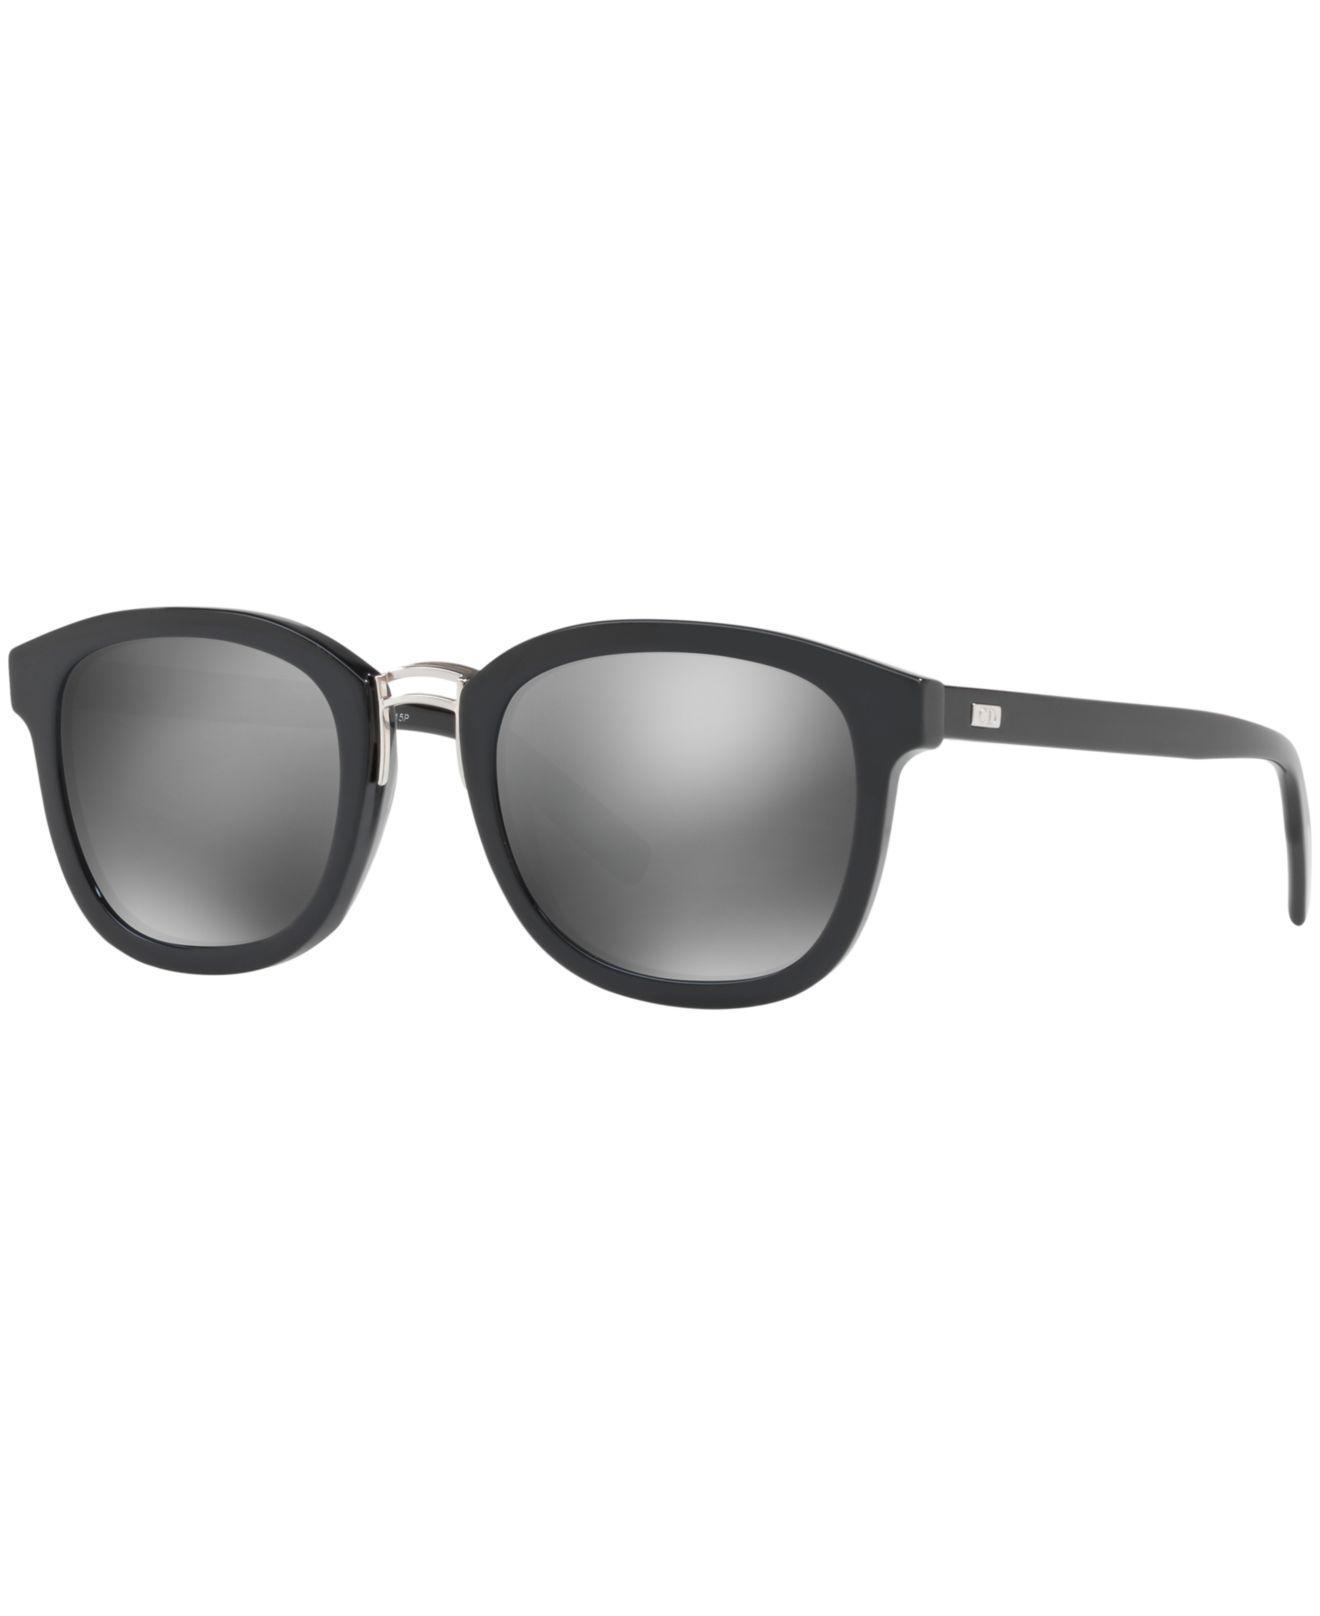 5e286741d6 Dior. Men s Homme Sunglasses ...